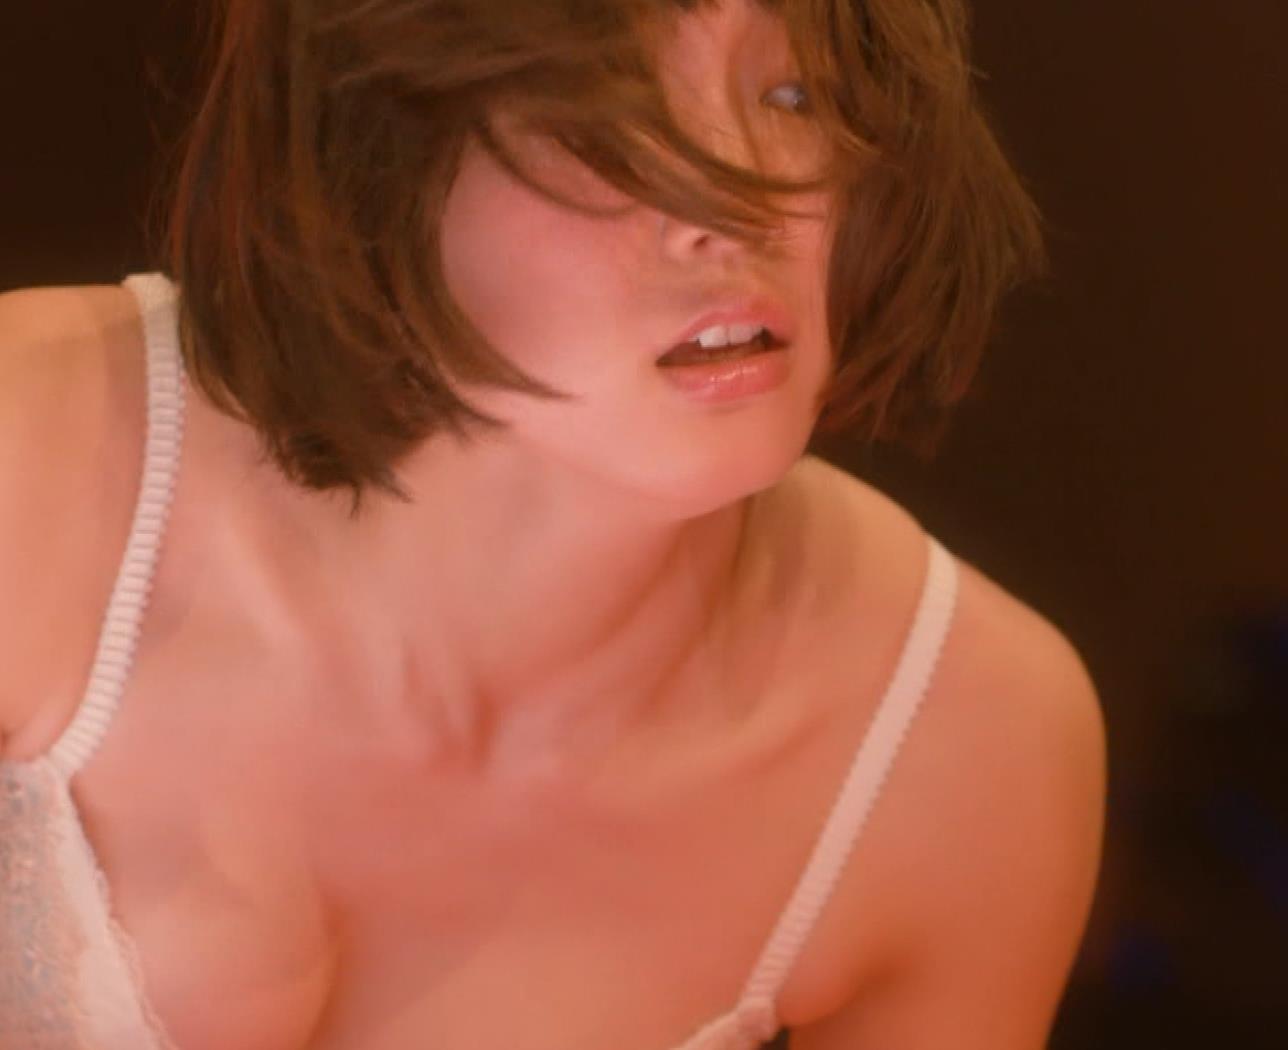 吉岡里帆 (エロドラマ) ブラジャー姿でおっぱいプルプルしている(GIF動画あり)キャプ・エロ画像16